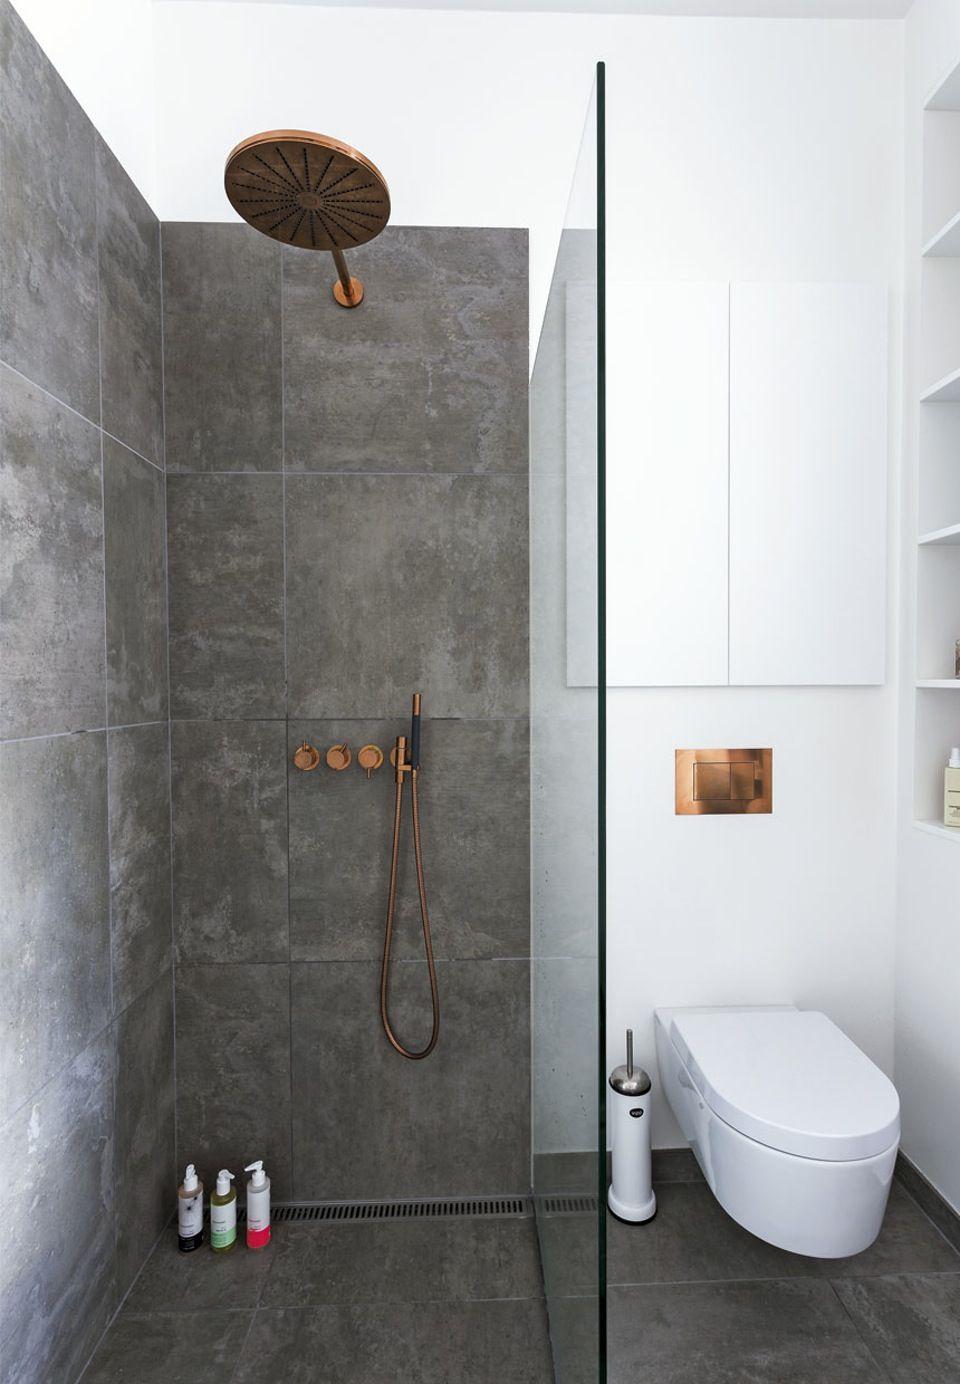 Bad med tre funktioner samlet i ét rum